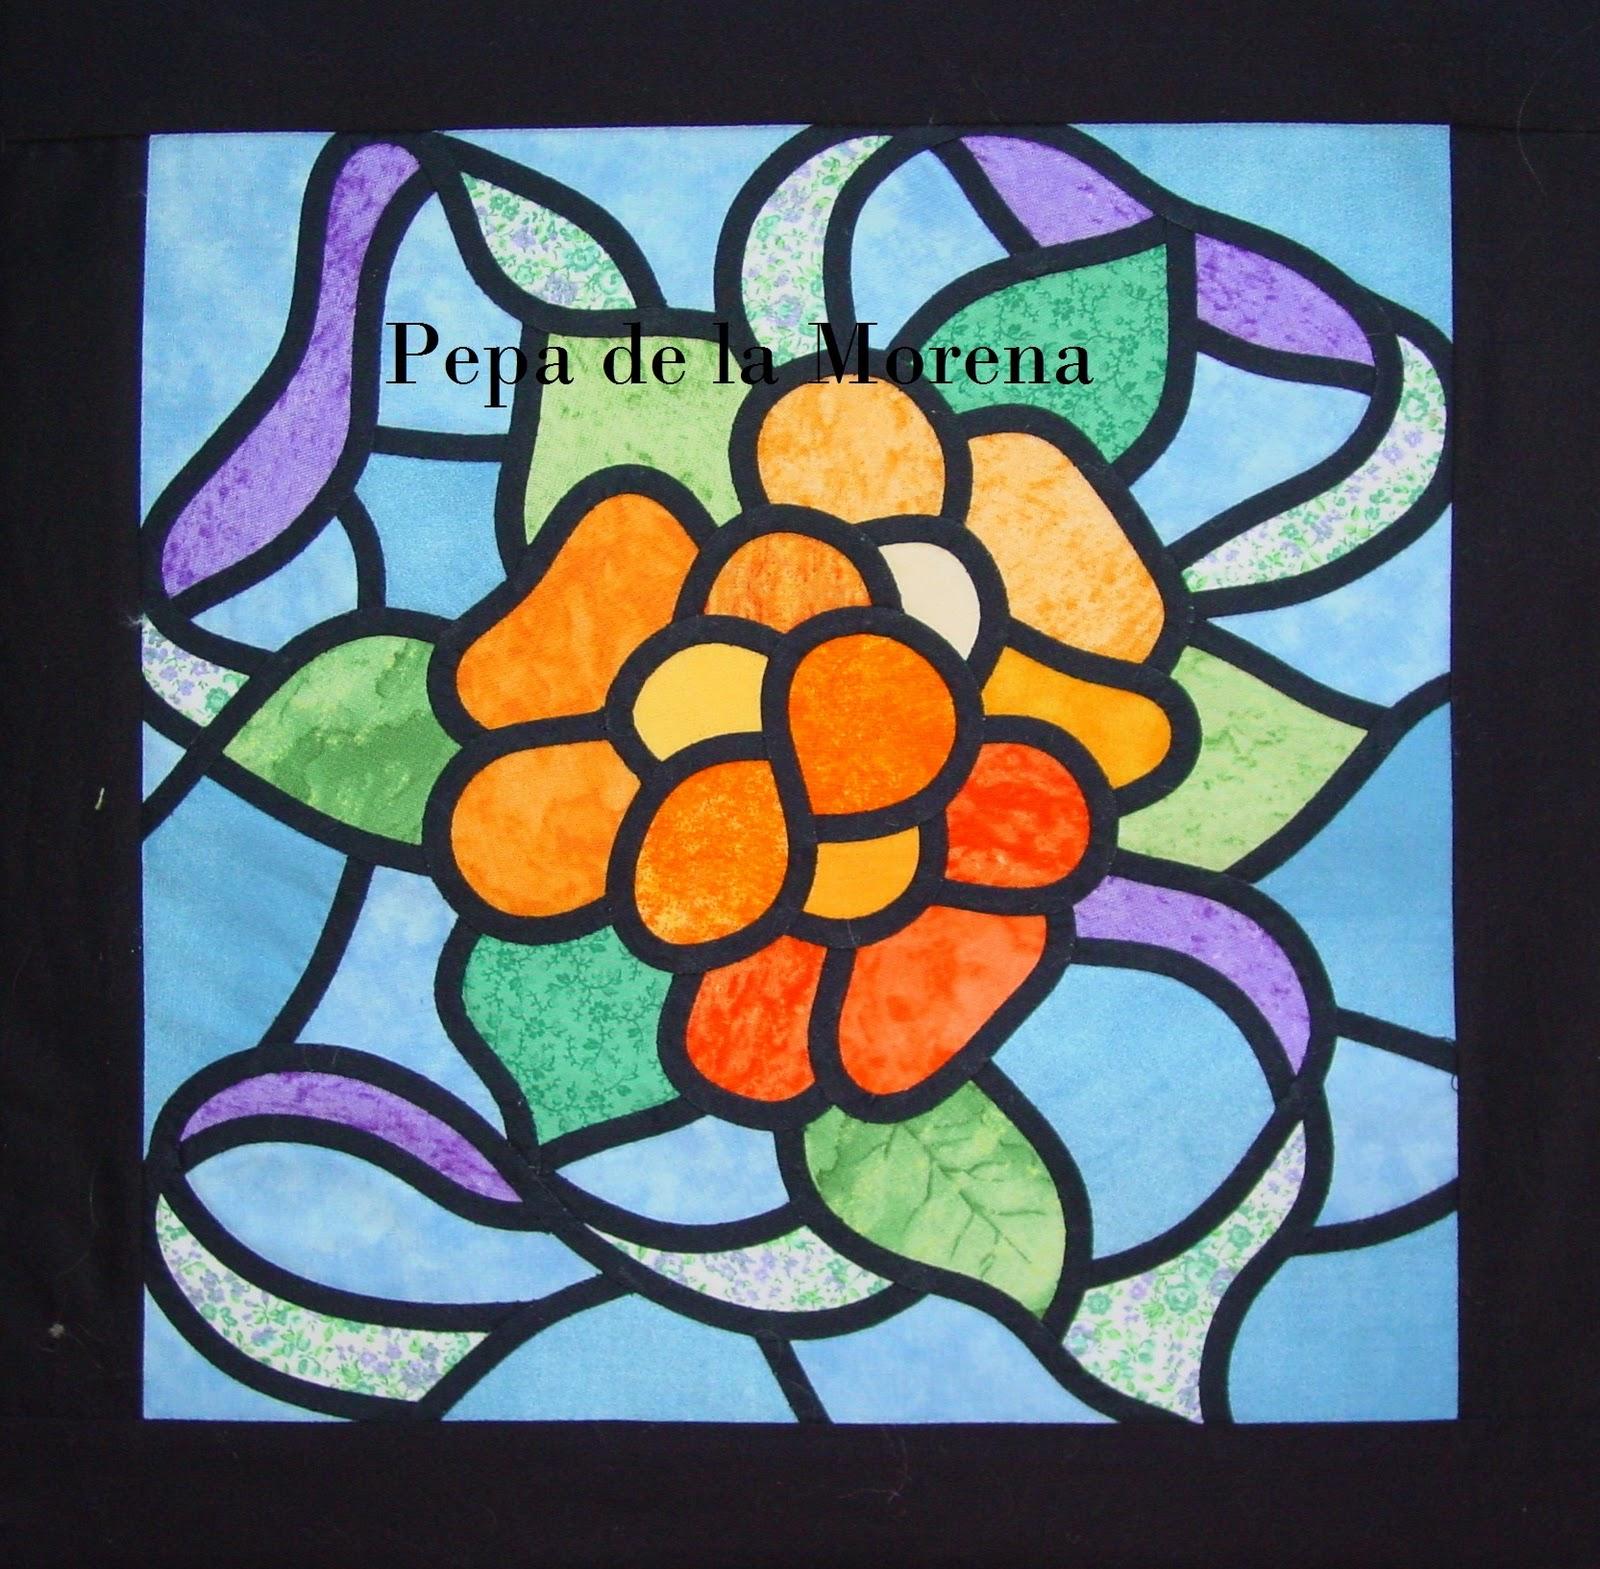 dibujos faciles para patchwork imagui On vidrieras sencillas